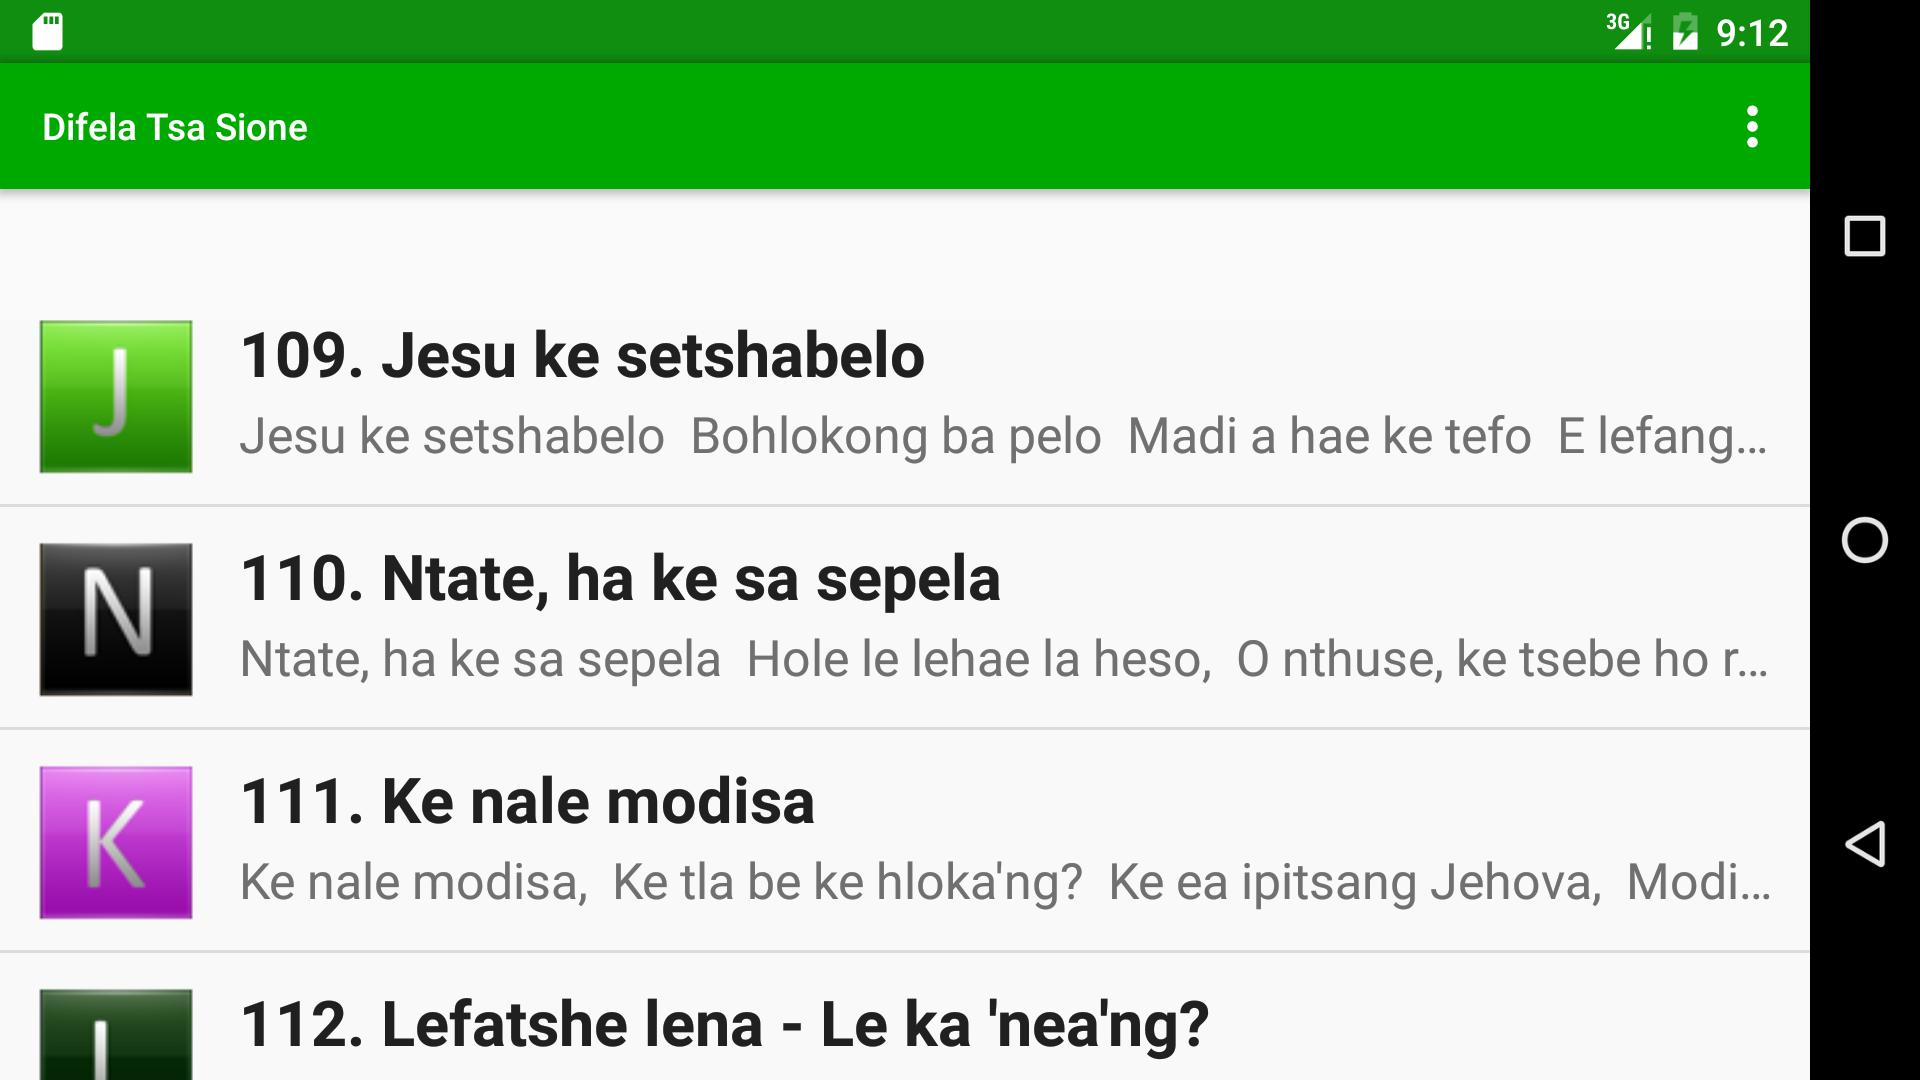 Amazon Com Difela Tsa Sione Appstore For Android